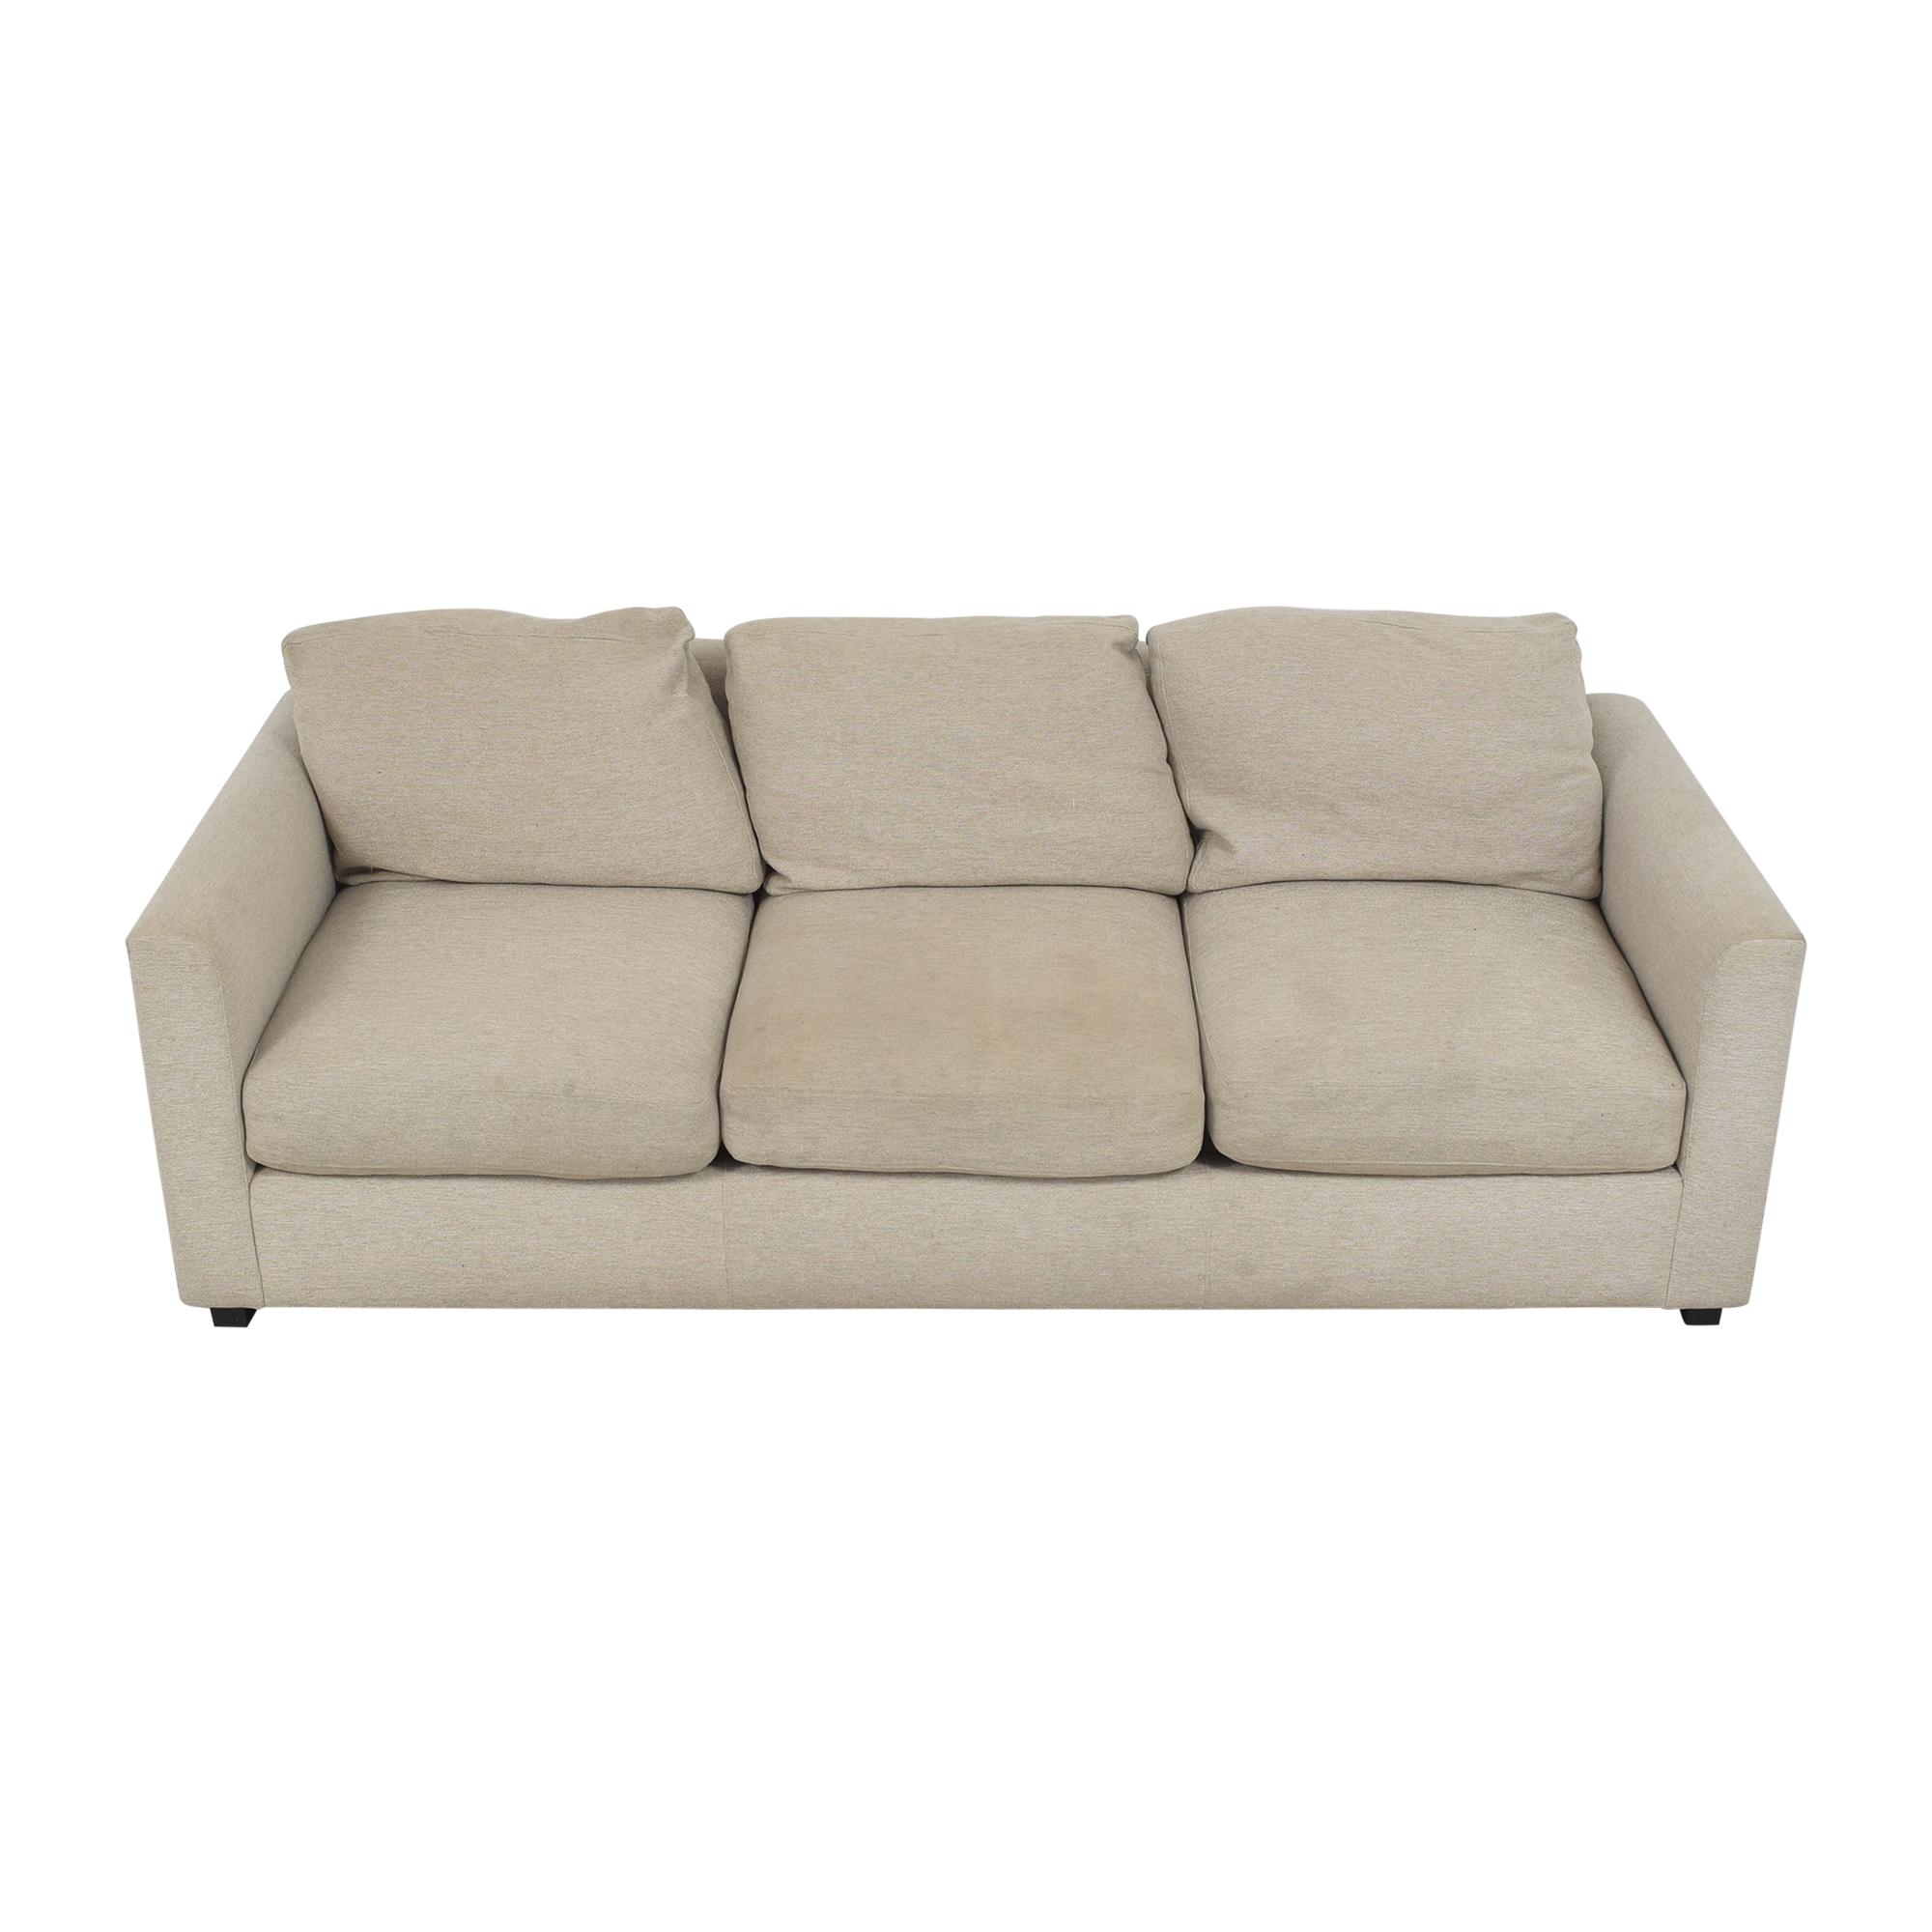 Room & Board Room & Board Three Cushion Sofa